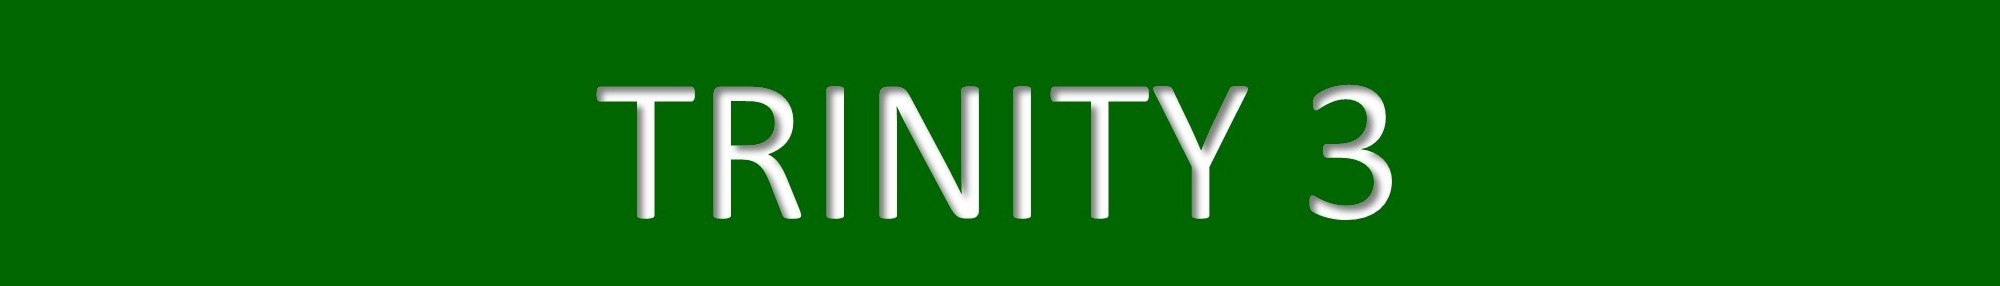 Trinity 3 header